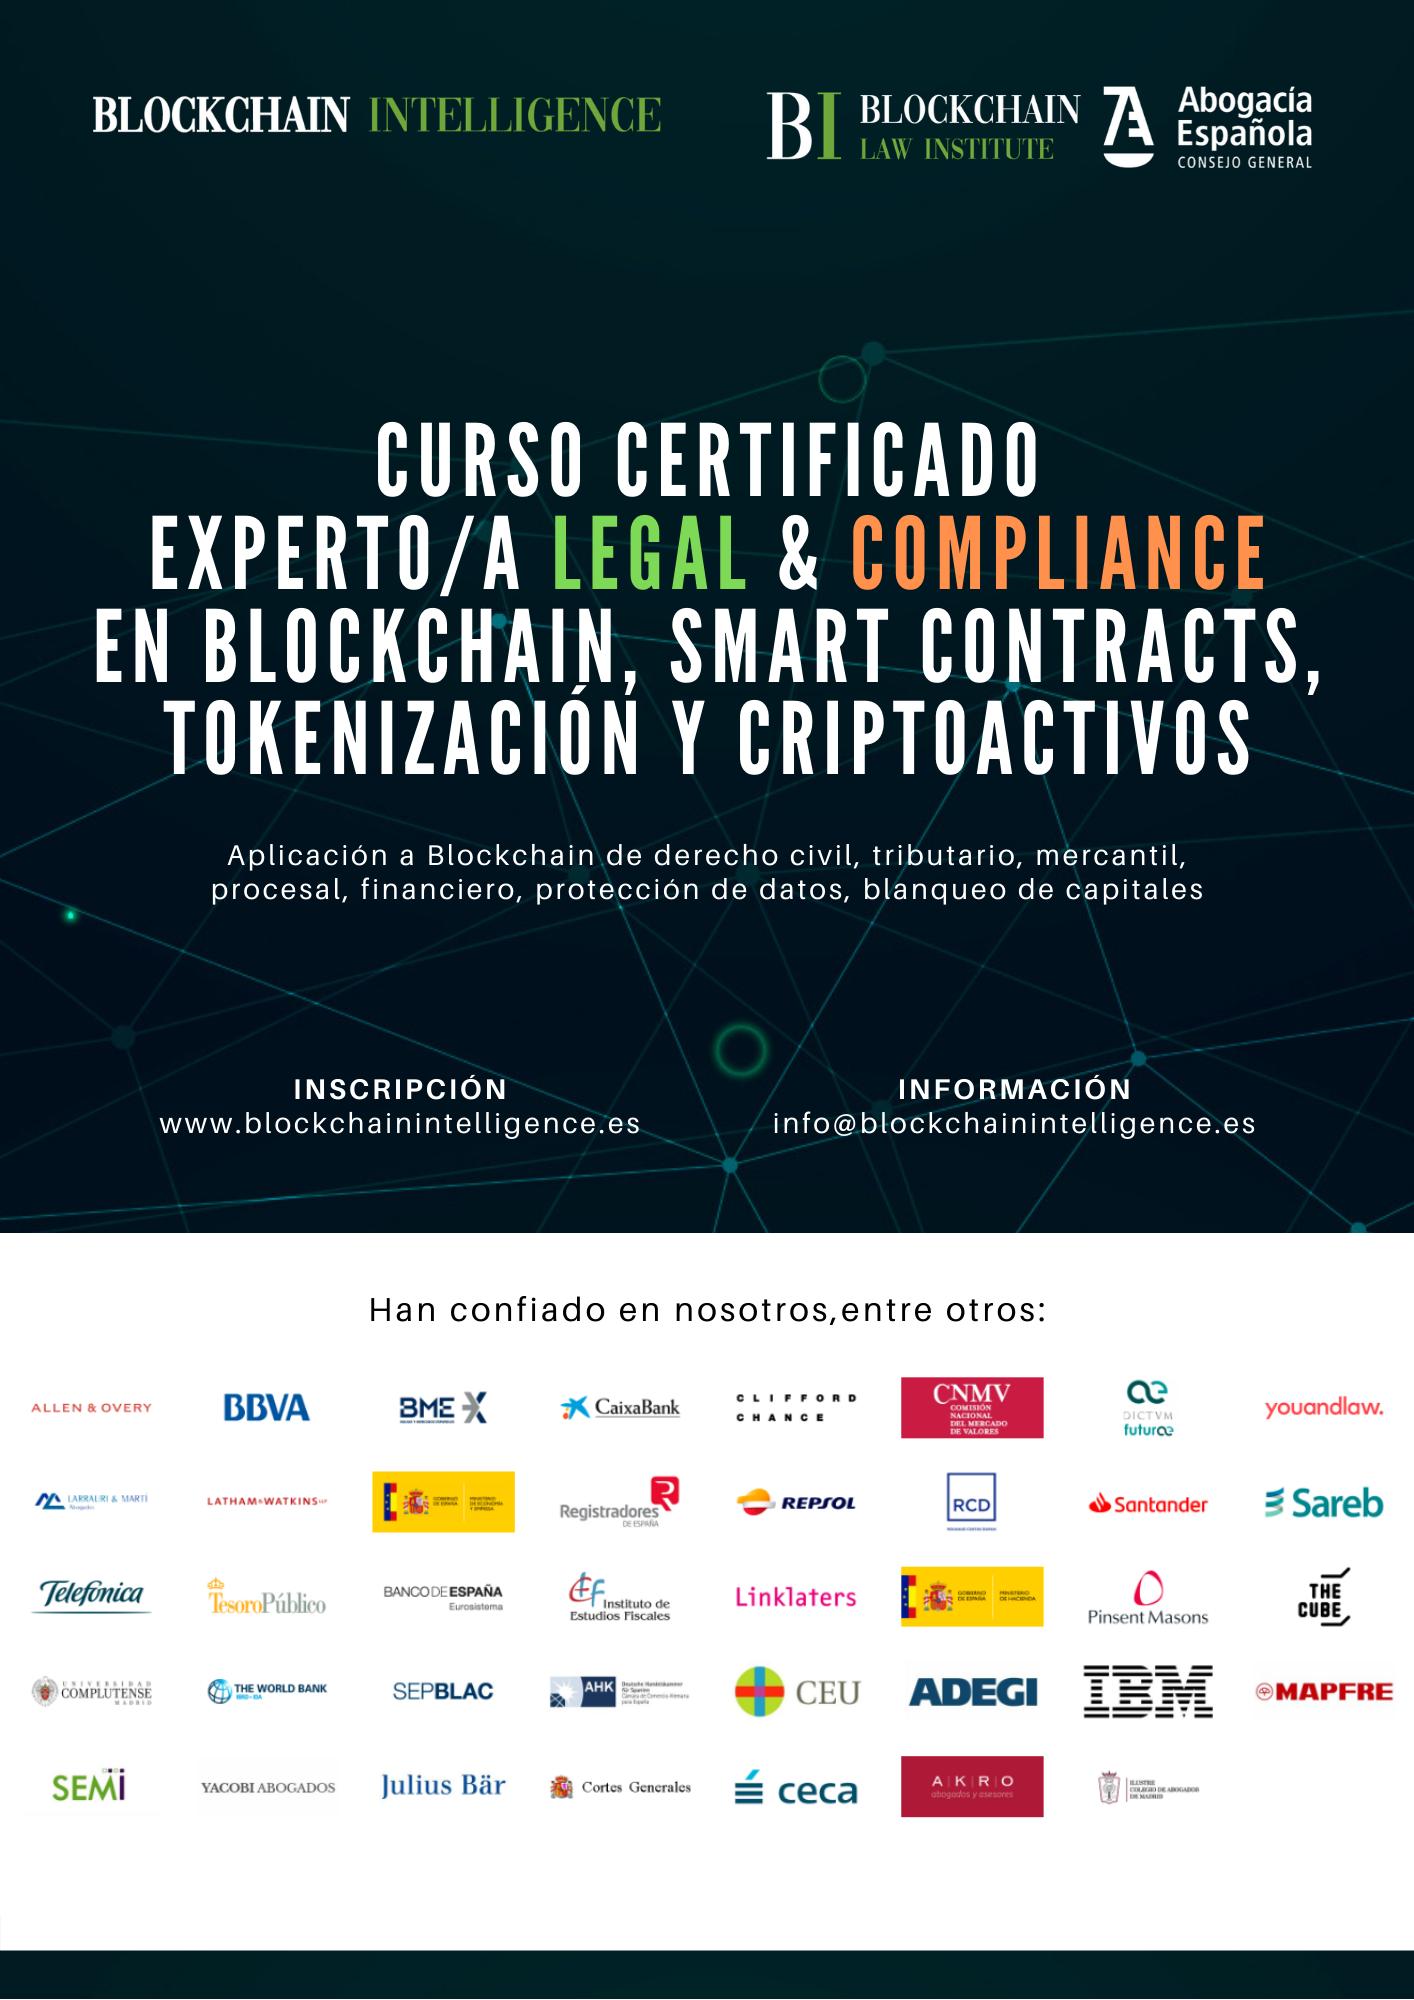 Curso Certificado Experto/a Legal & Compliance en Blockchain